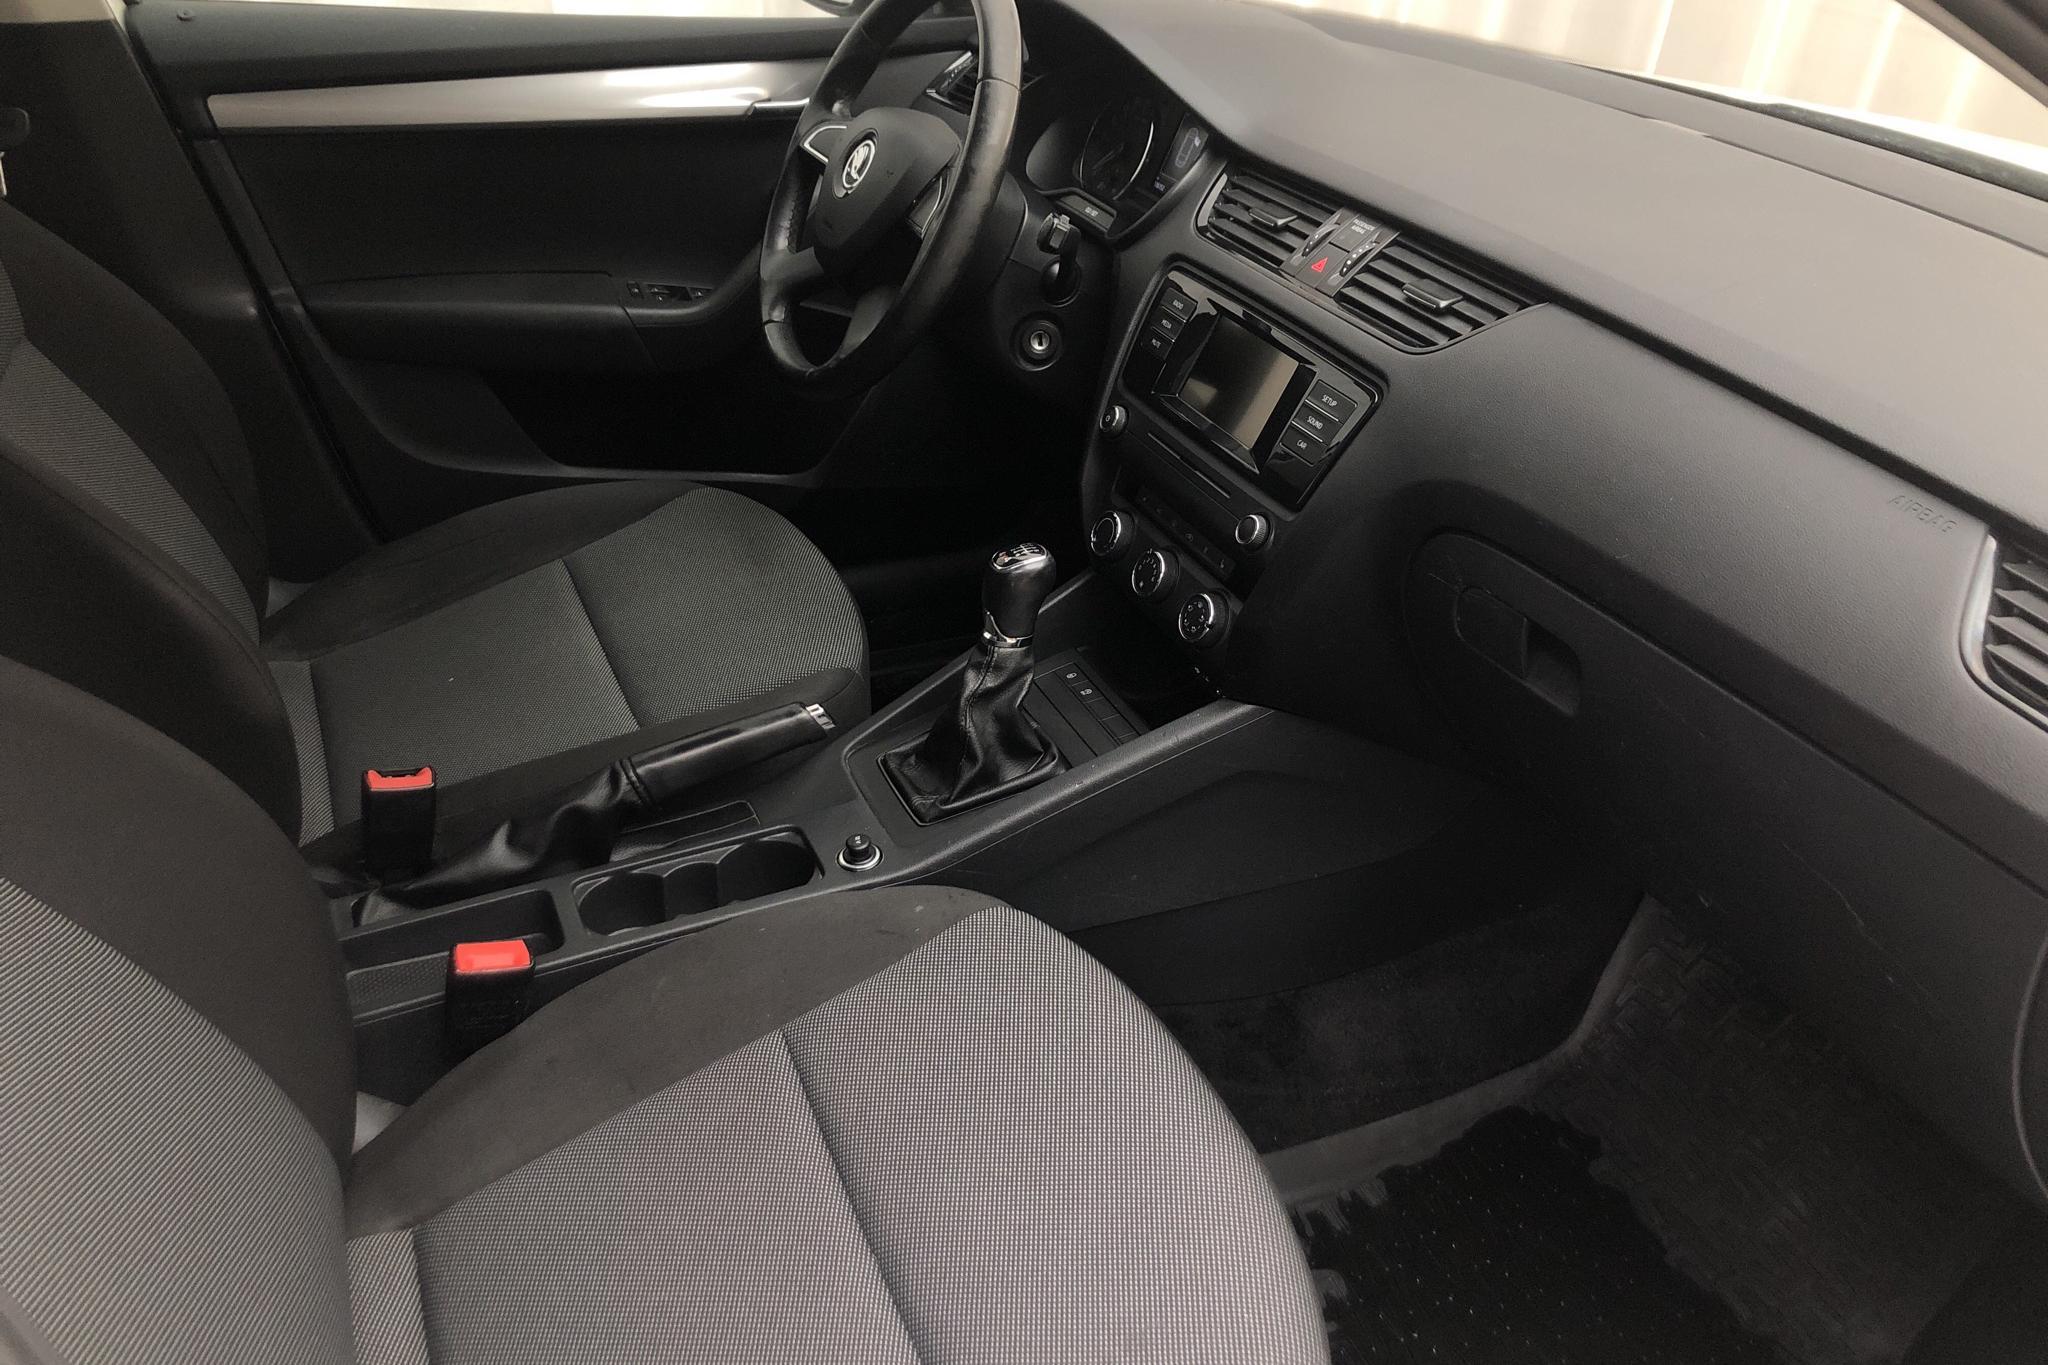 Skoda Octavia III 1.6 TDI CR Combi 4X4 (105hk) - 136 350 km - Manual - white - 2015